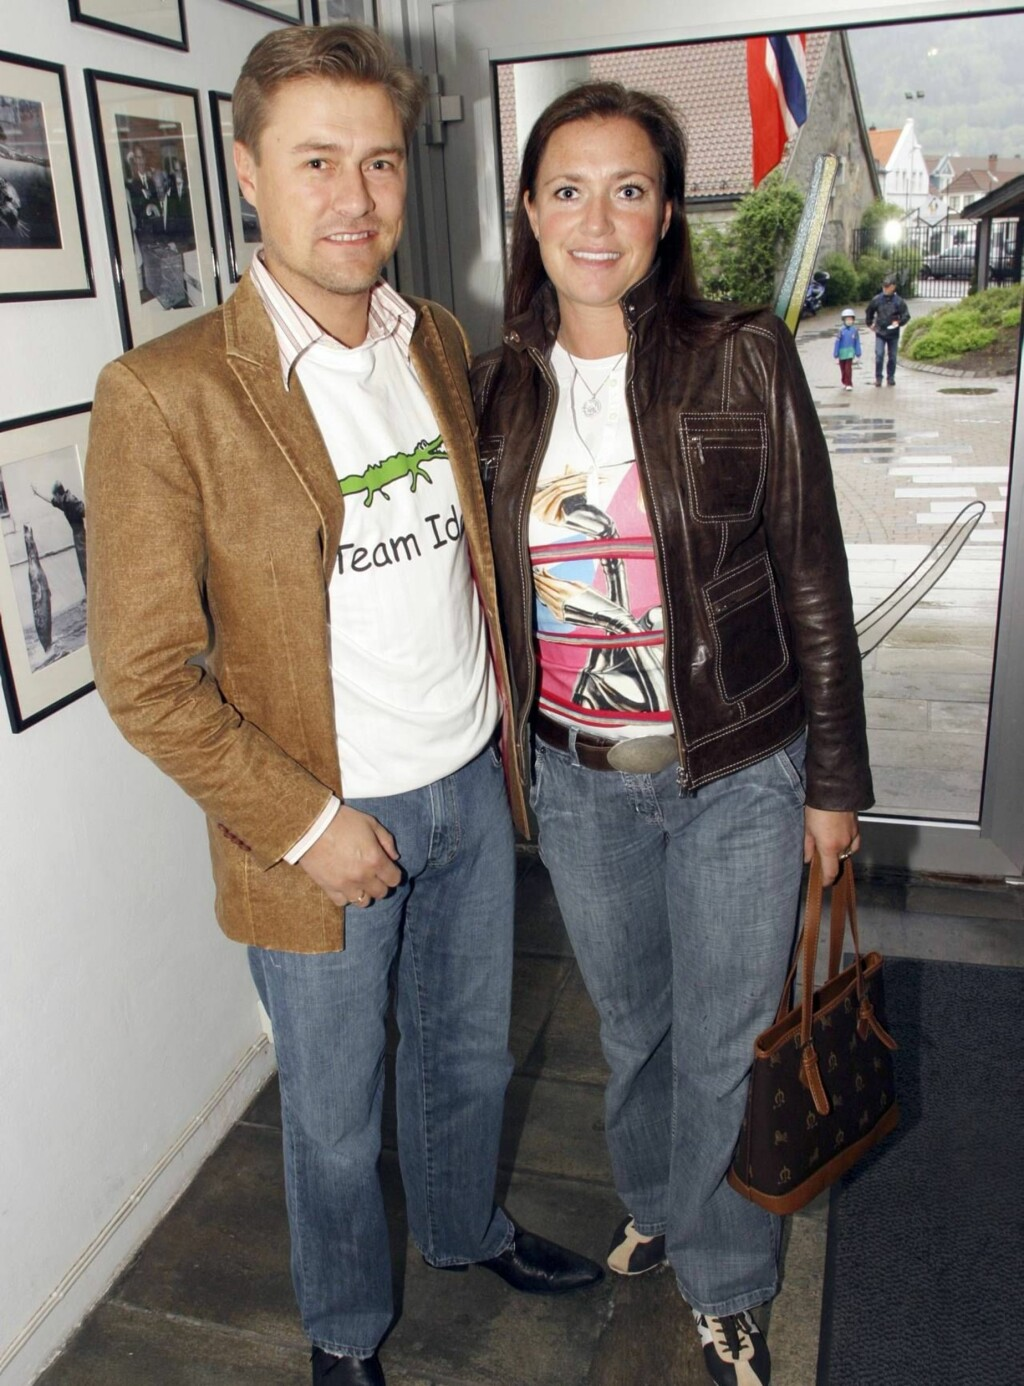 FAMILIEMANN: Idar Vollvik verner godt om privatlivet med kona Anita.